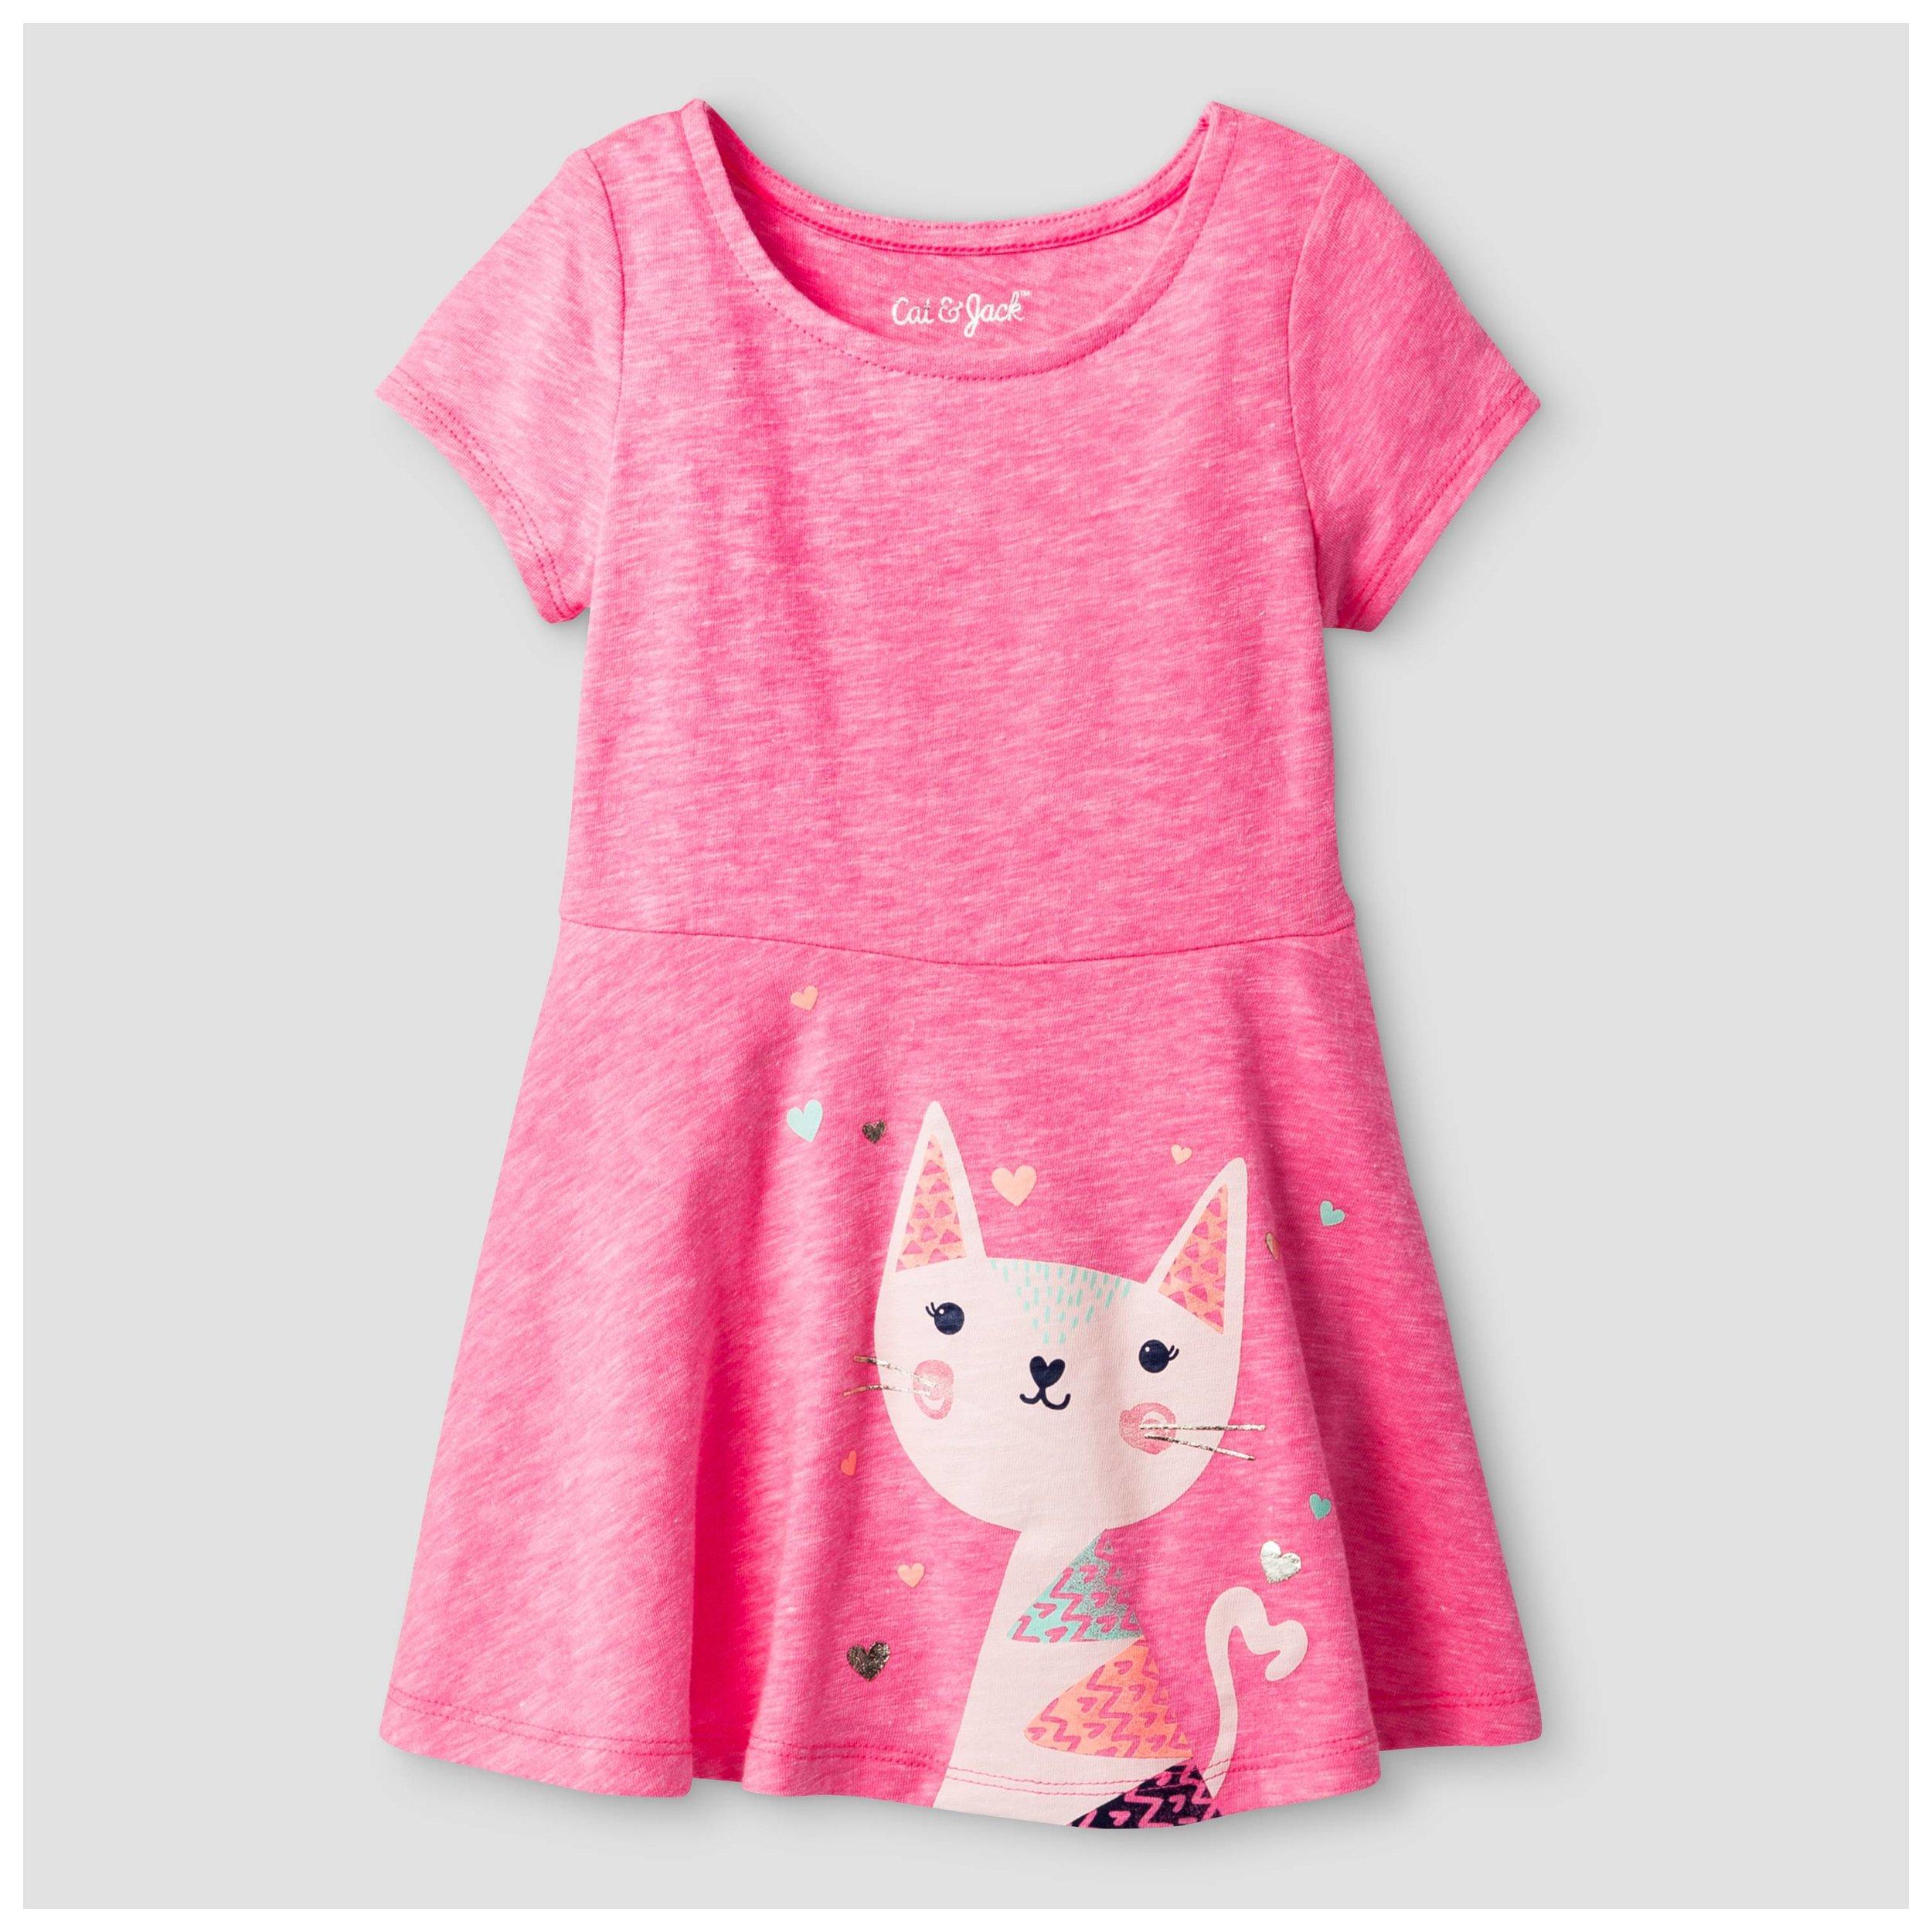 Target (toddler) $9.99